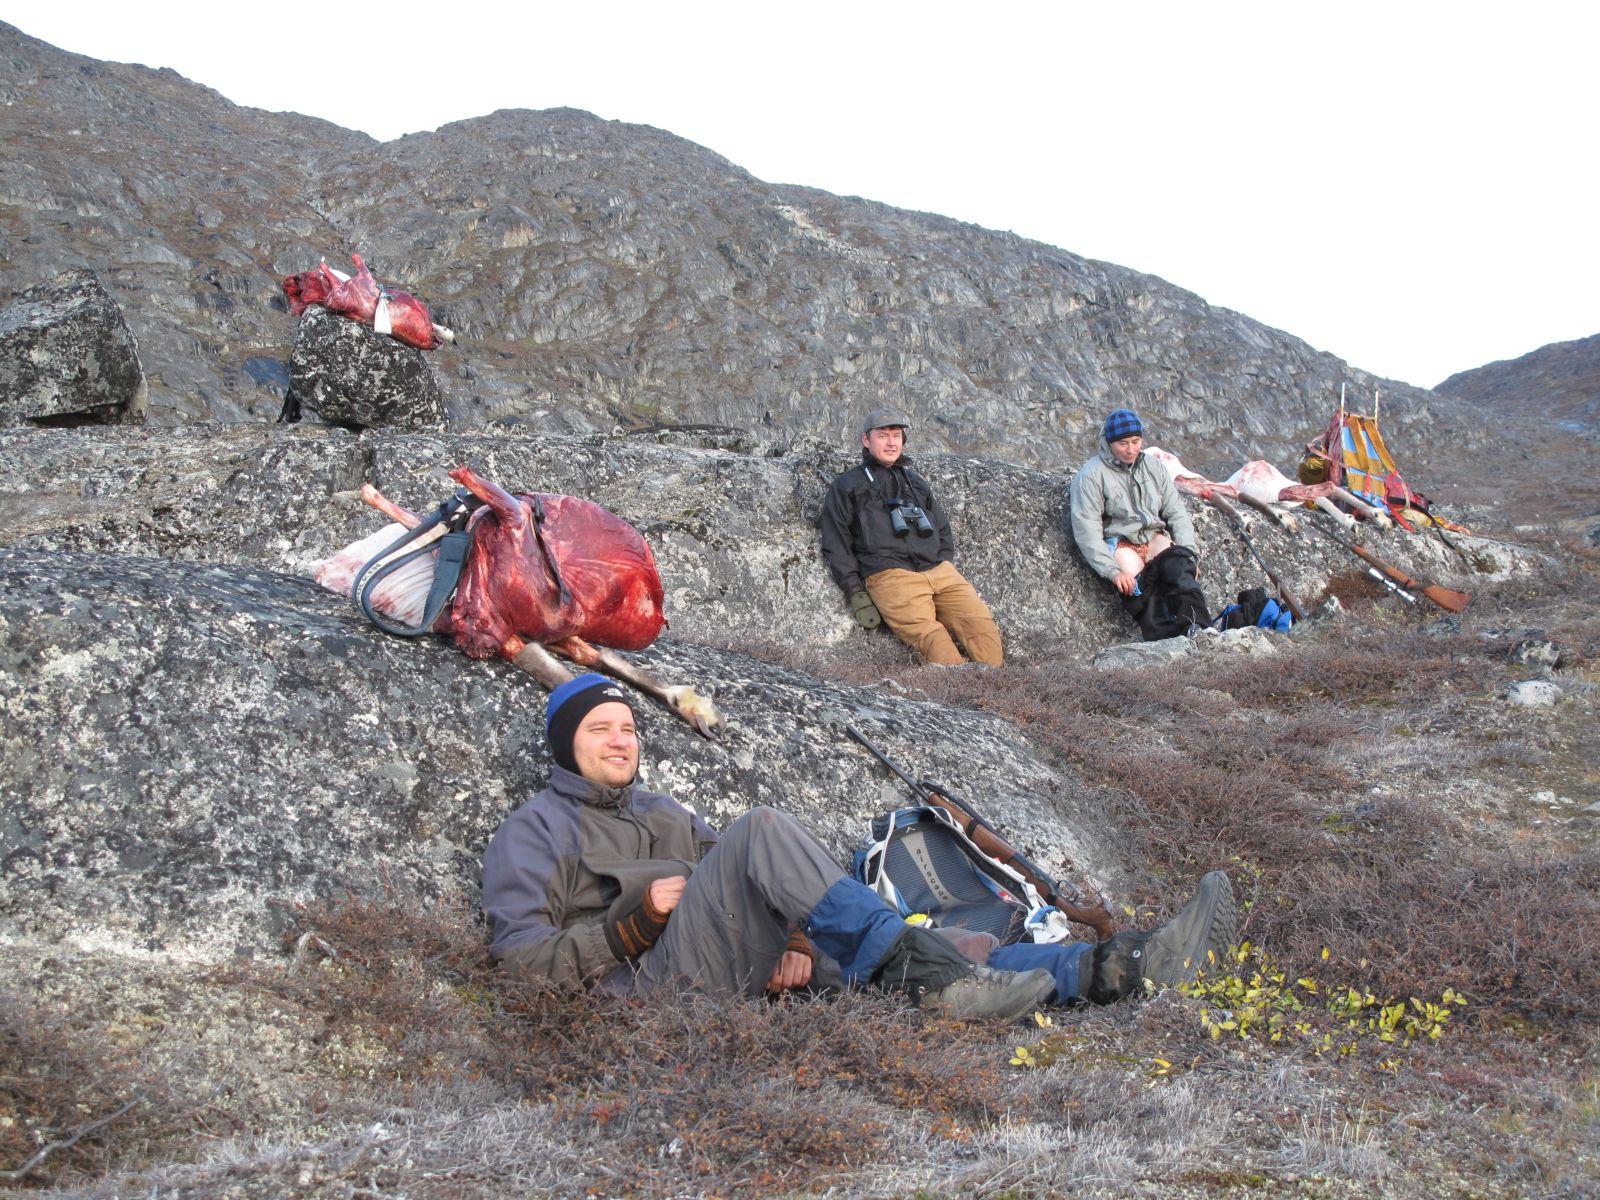 2010-09-25-1717_-_Bylt; Jesper Eugenius Labansen; Svend Sværd; Søren Labansen